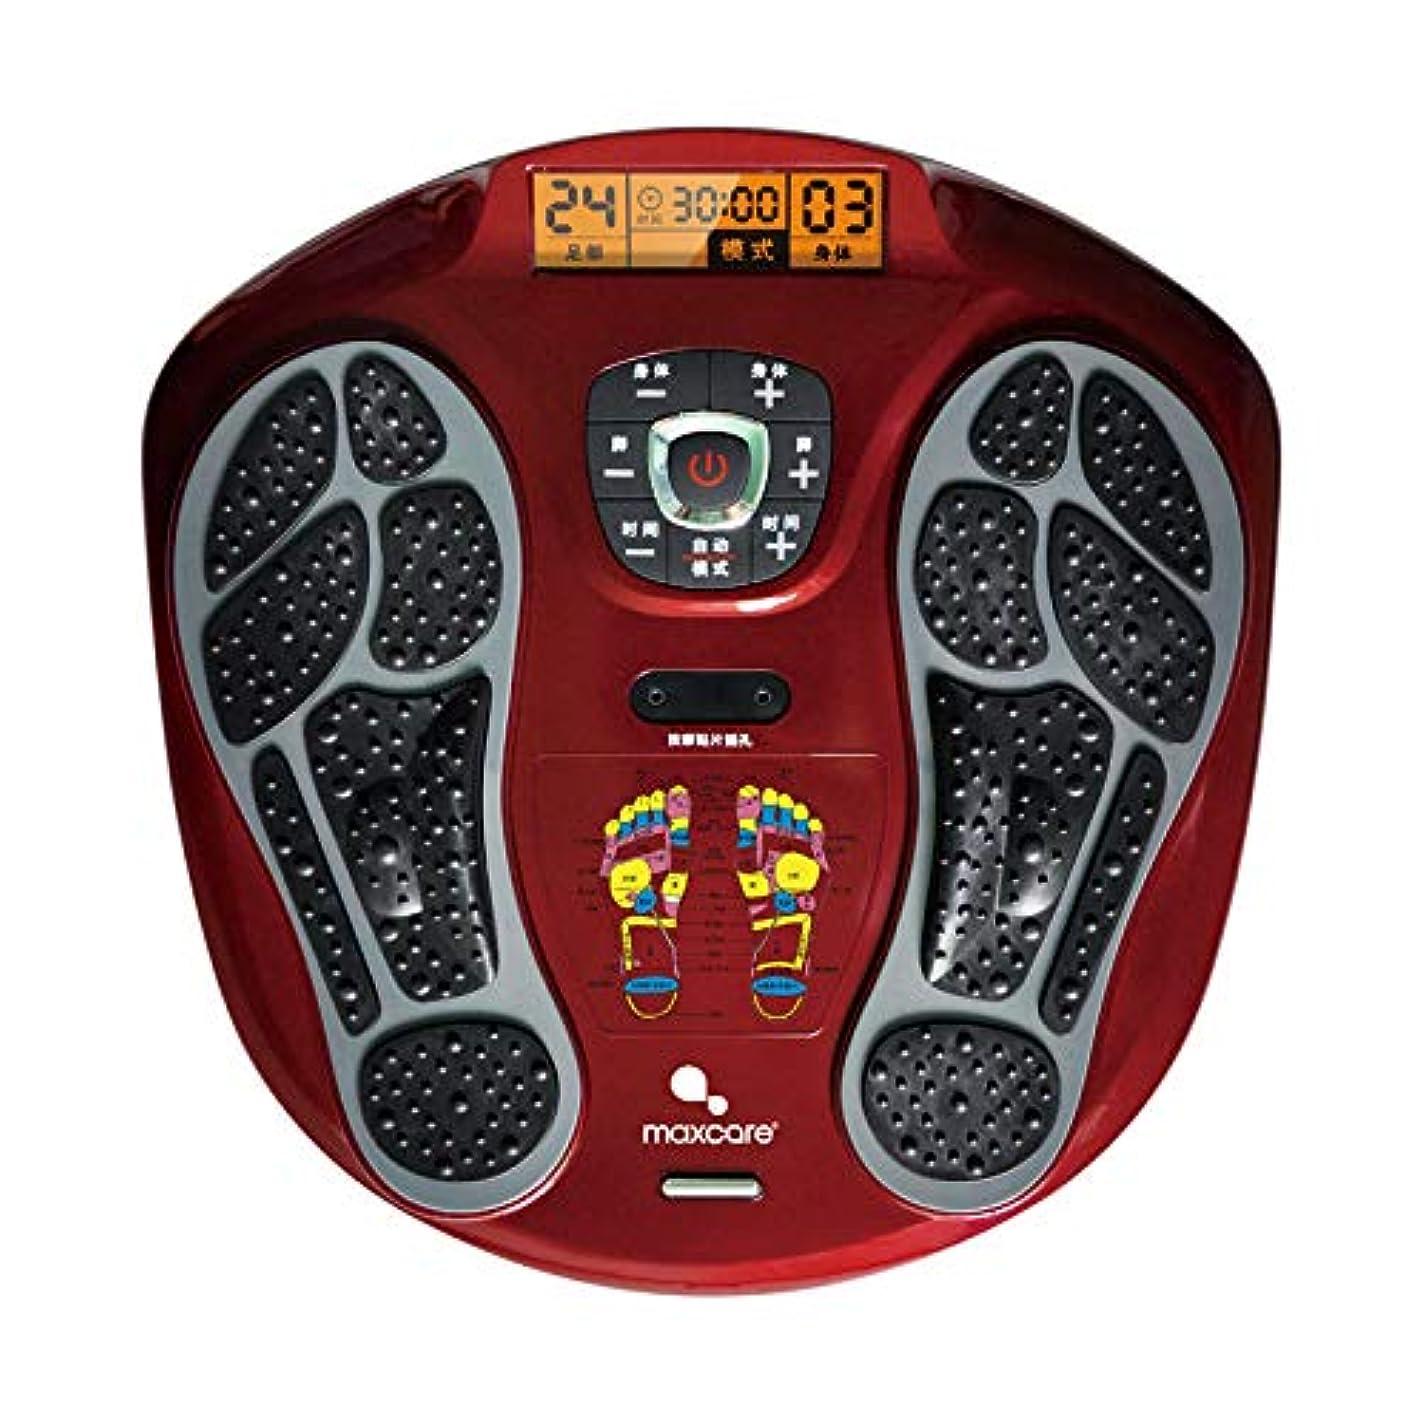 ナンセンス聞きます再生的フルフットマッサージ体験のための、熱付きフットマッサージャー、LEDディスプレイスクリーンリラックス疲れて痛む足